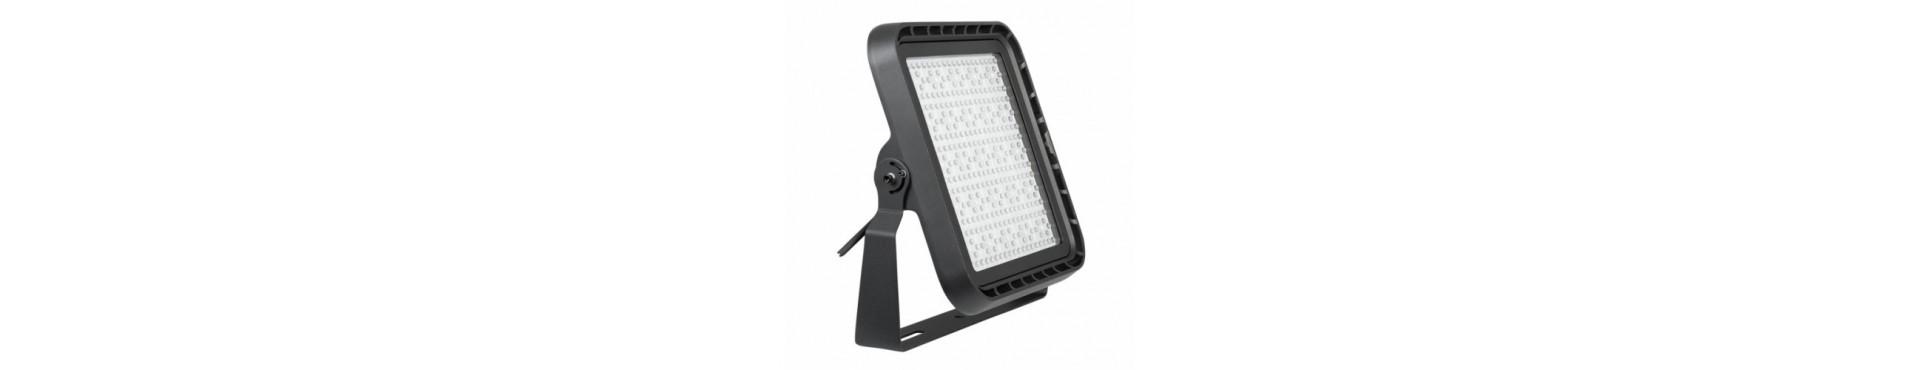 Professionelle LED projektører - Køb projektører i høj kvalitet